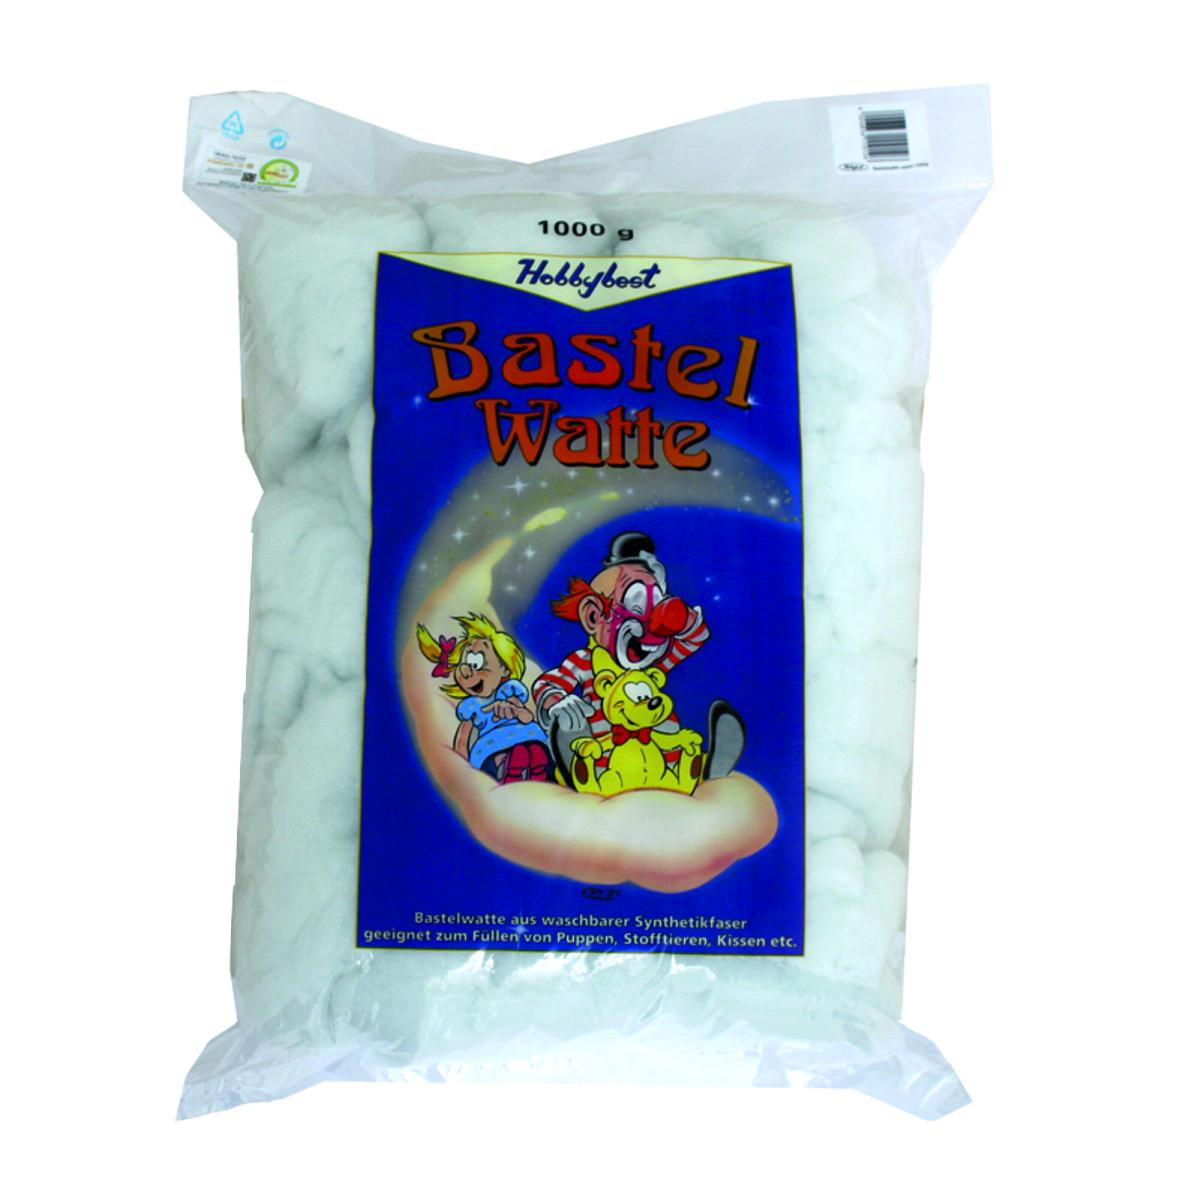 Bastelwatte 11012, weiss, 1kg